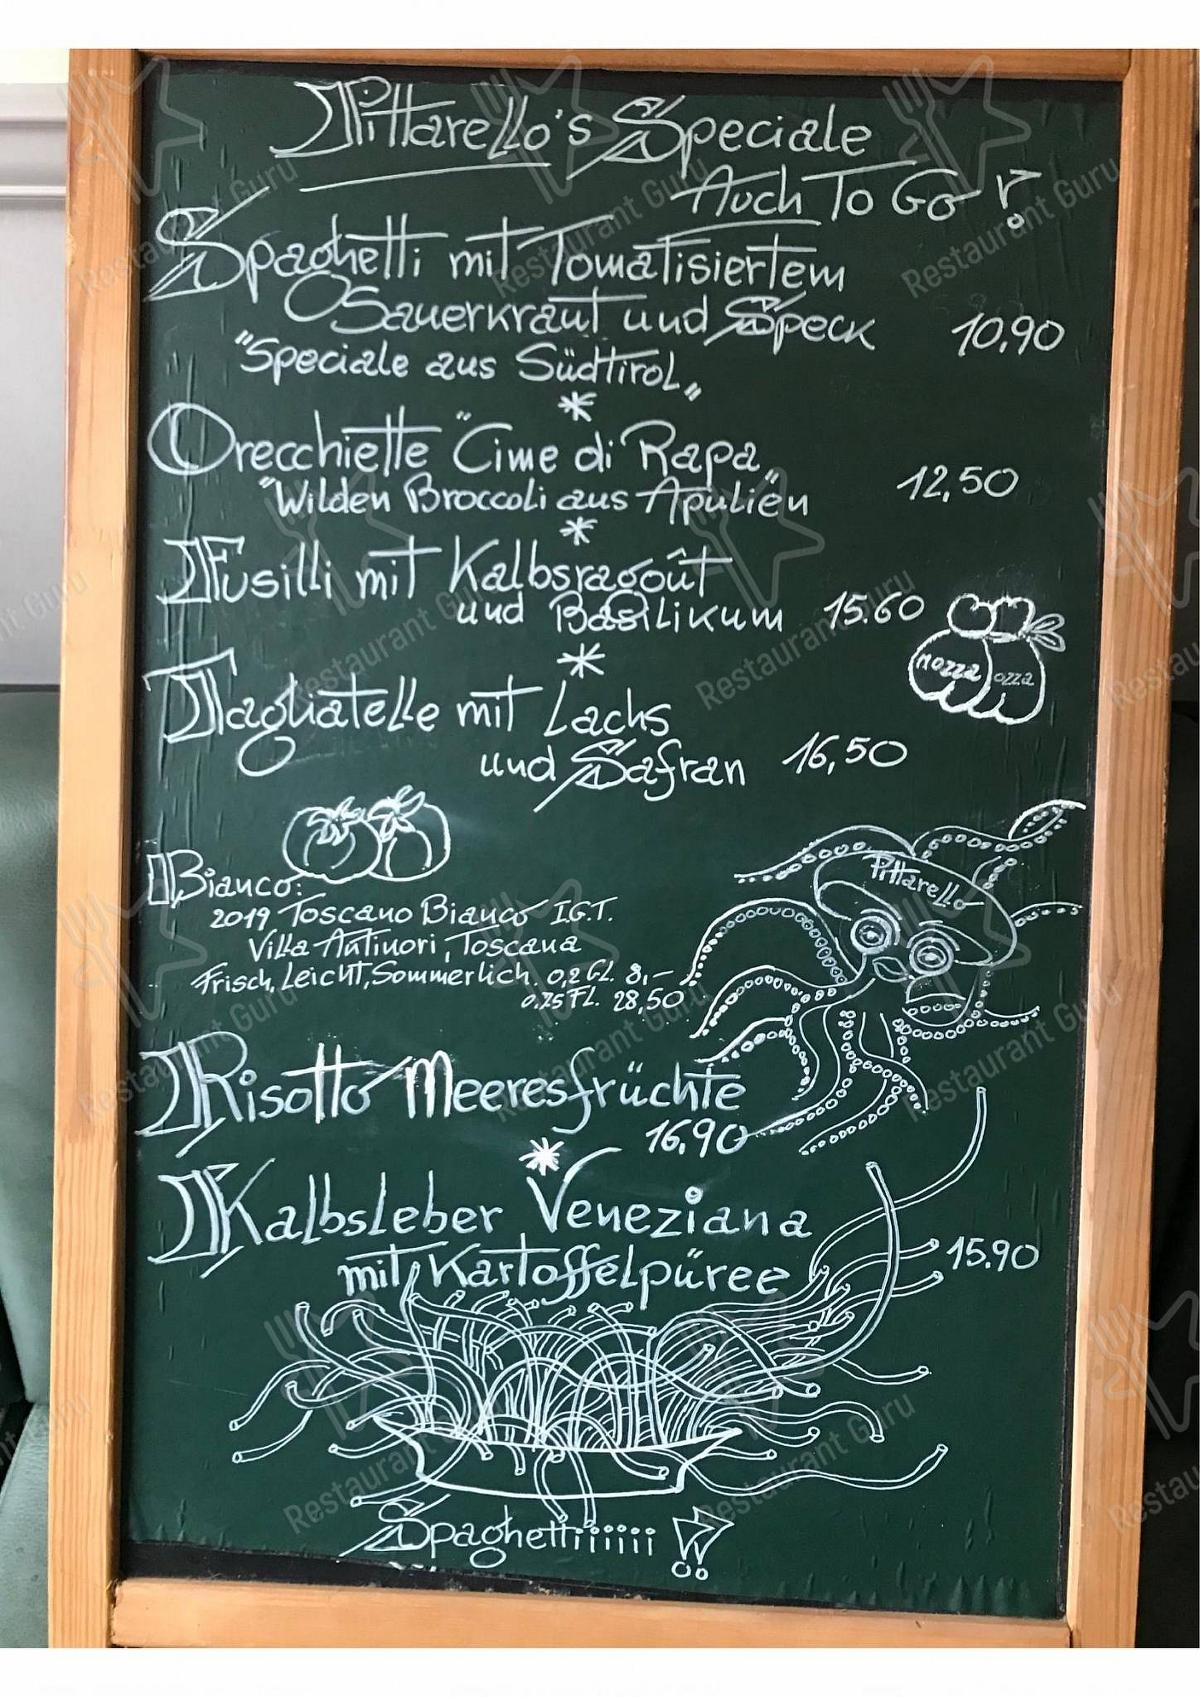 Pittarello Speisekarte - Gerichte und Getränke